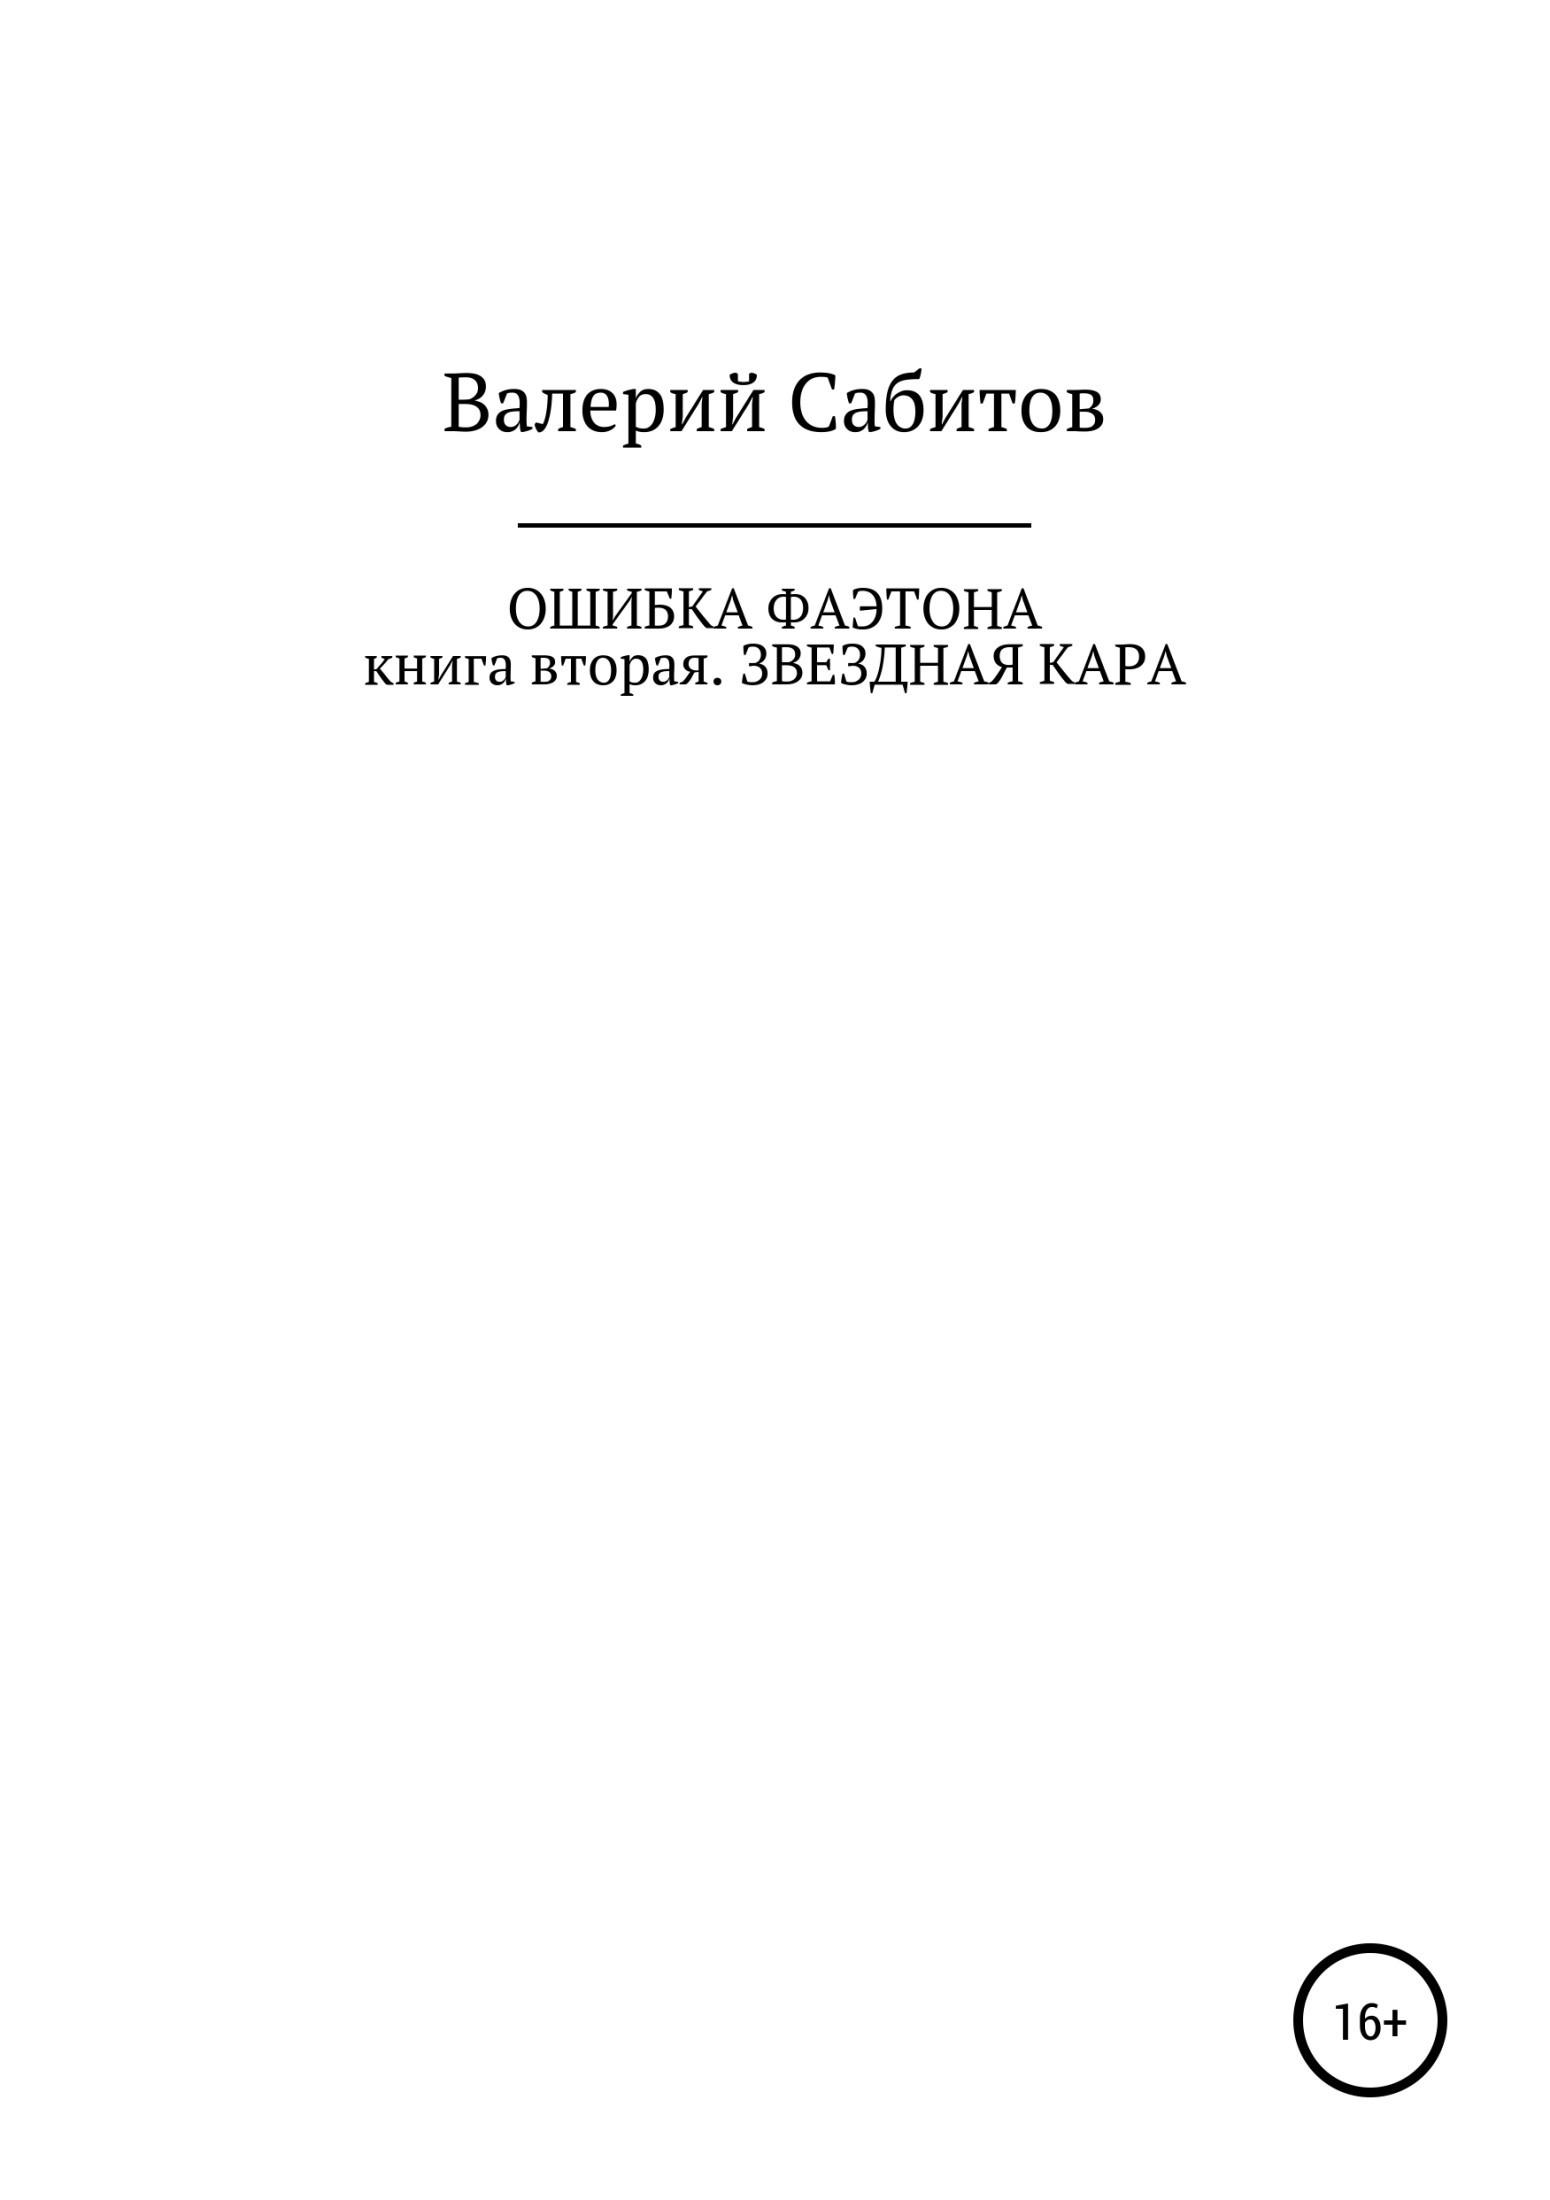 Валерий Сабитов Ошибка Фаэтона. Книга вторая. Звездная кара